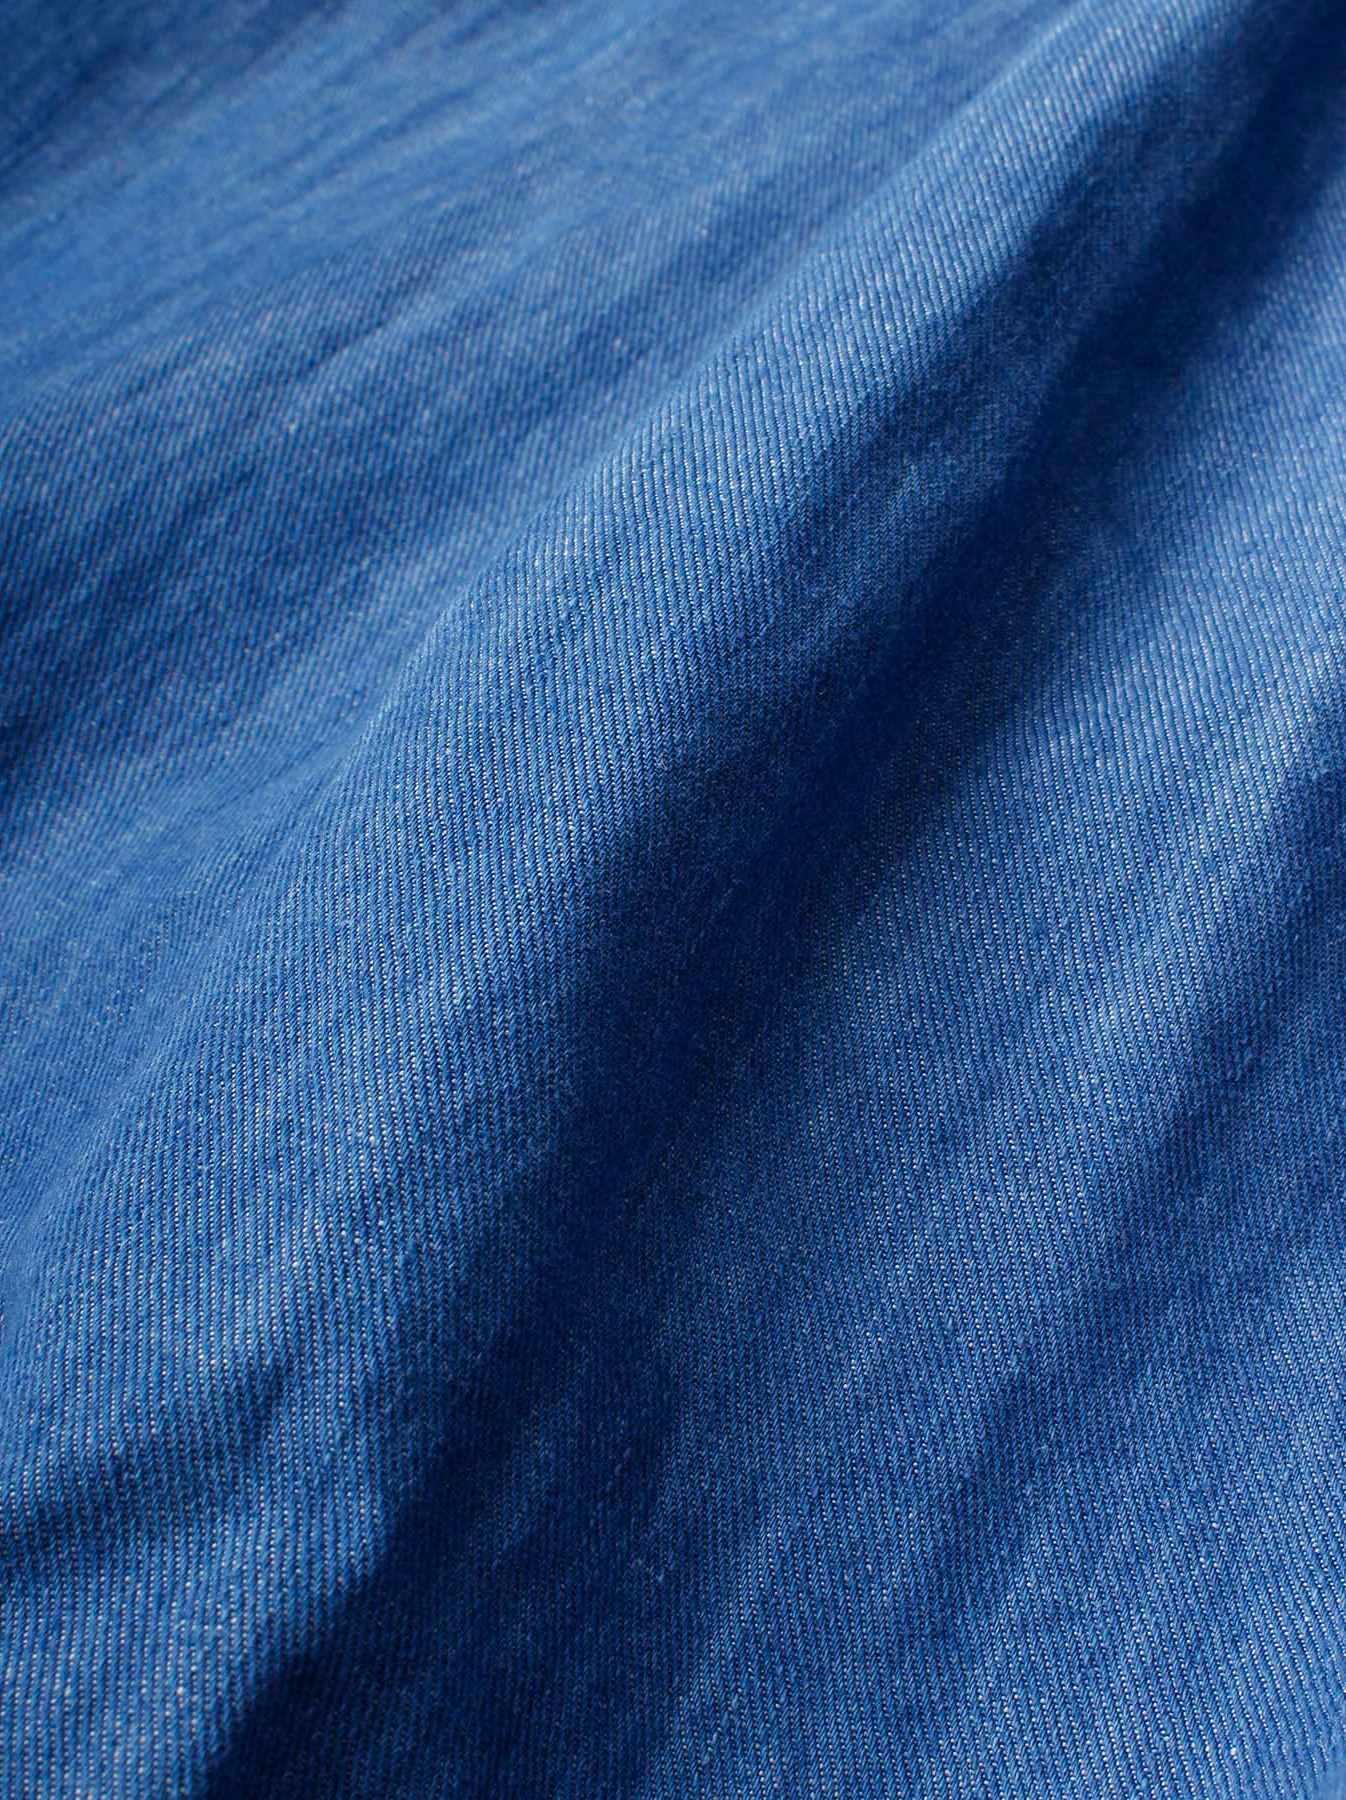 WH Cotton Linen Mon-petit Skirt-11